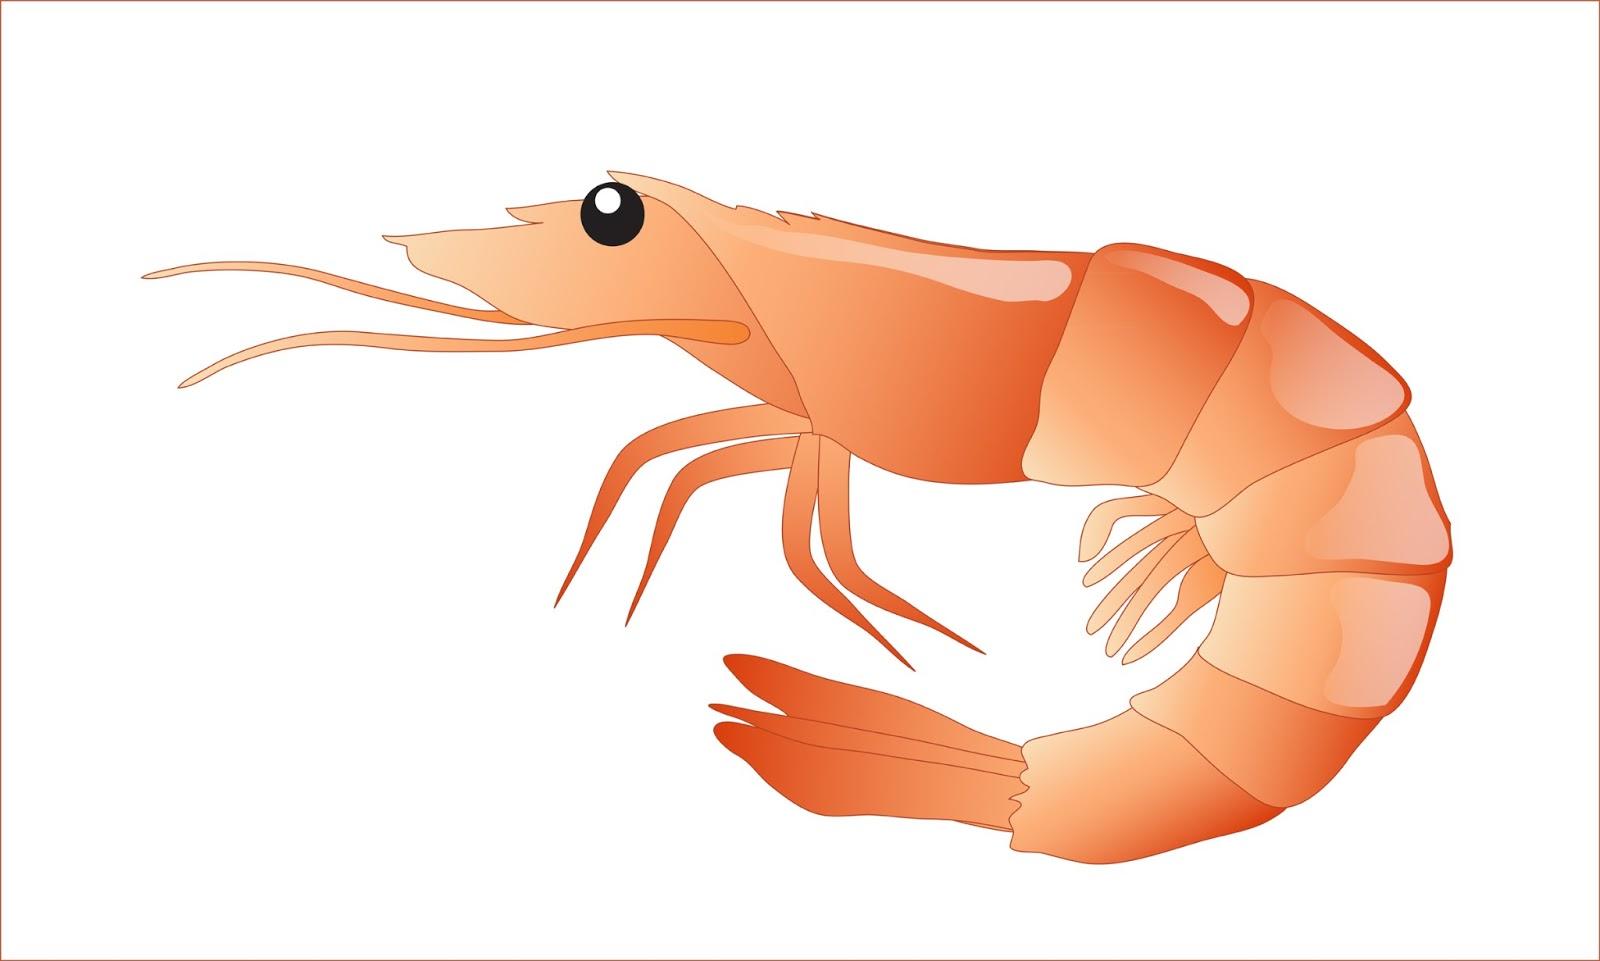 Free download clip art. Salmon clipart shrimp